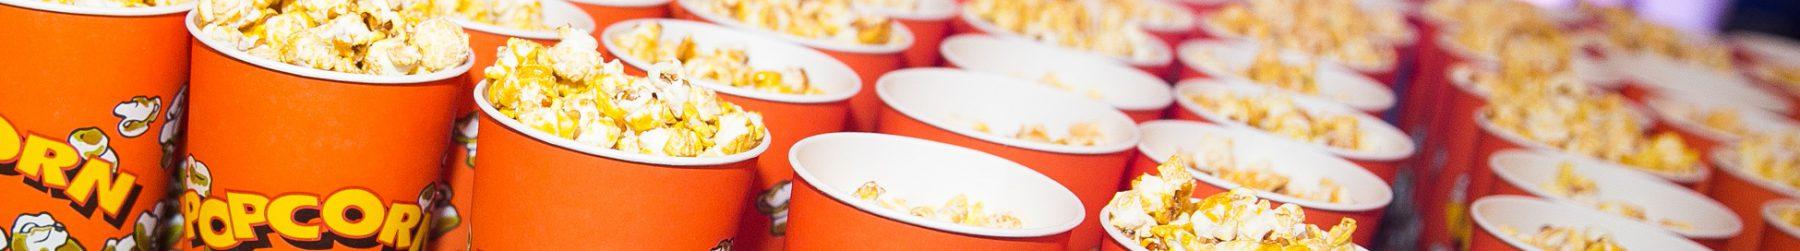 Popcornstore